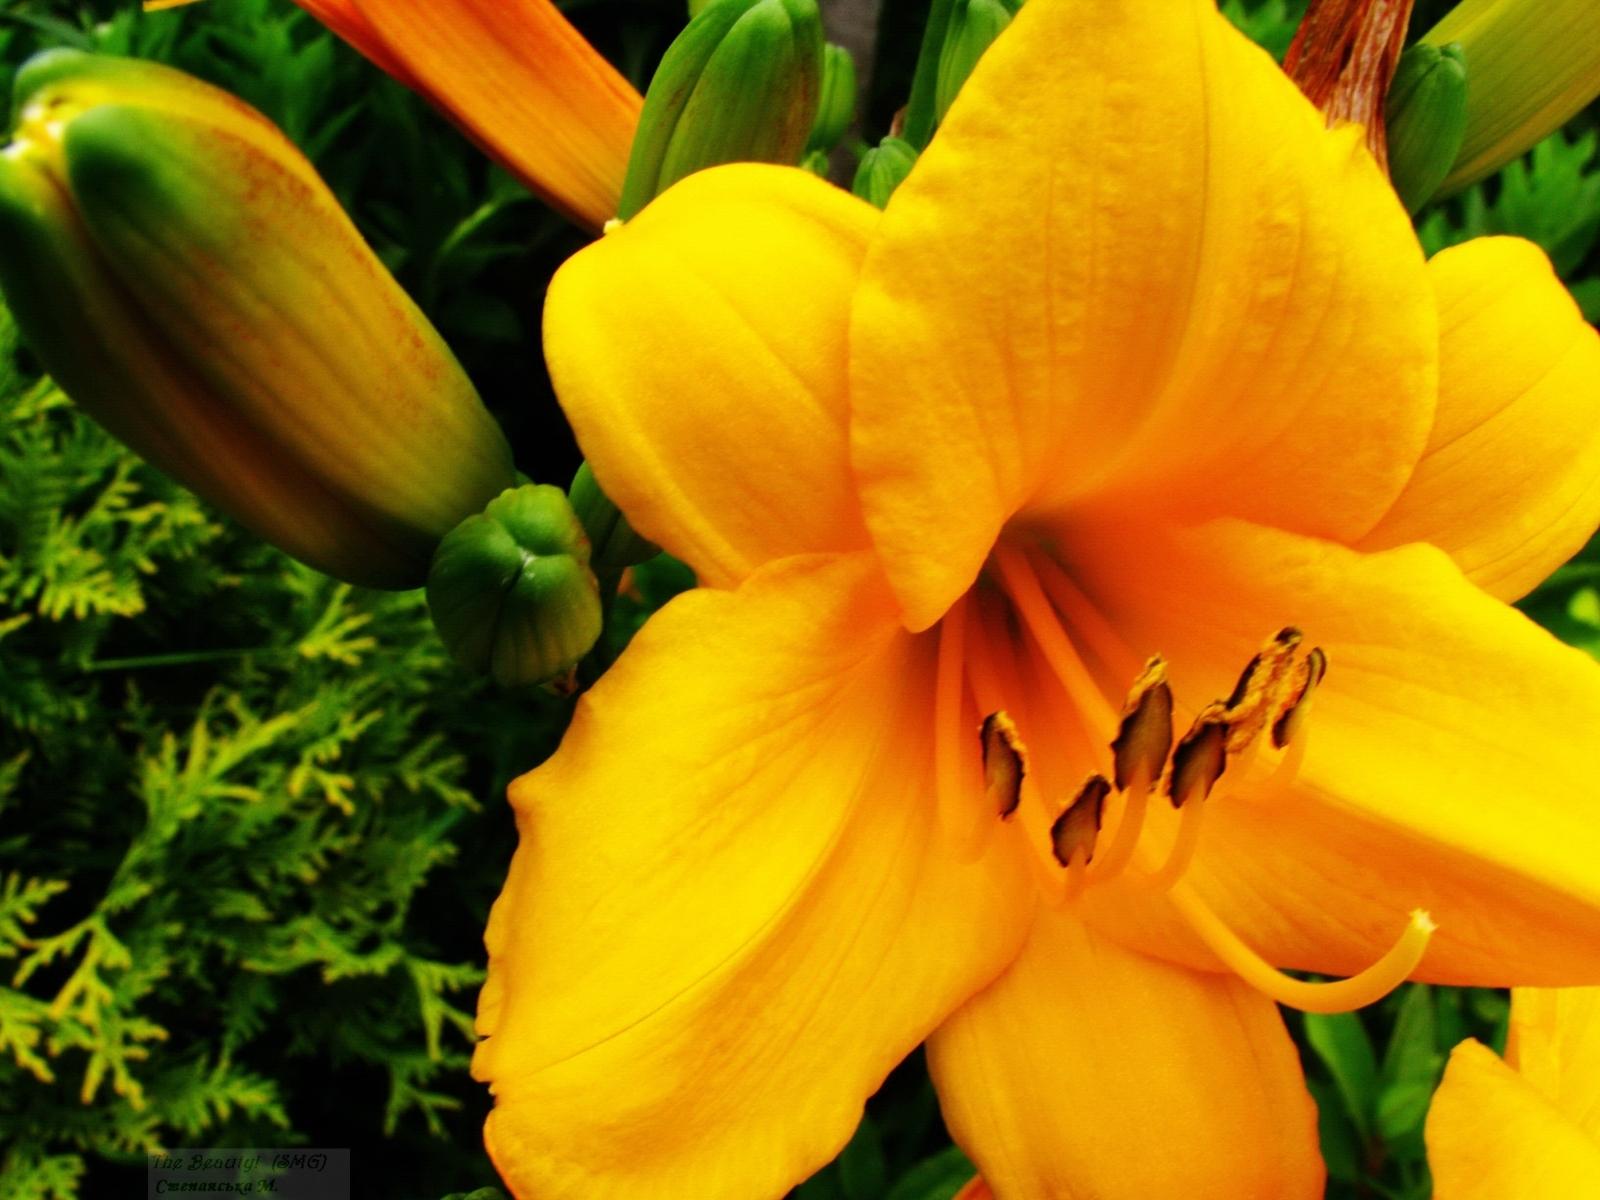 Скачать картинку Лилии, Растения, Цветы в телефон бесплатно.